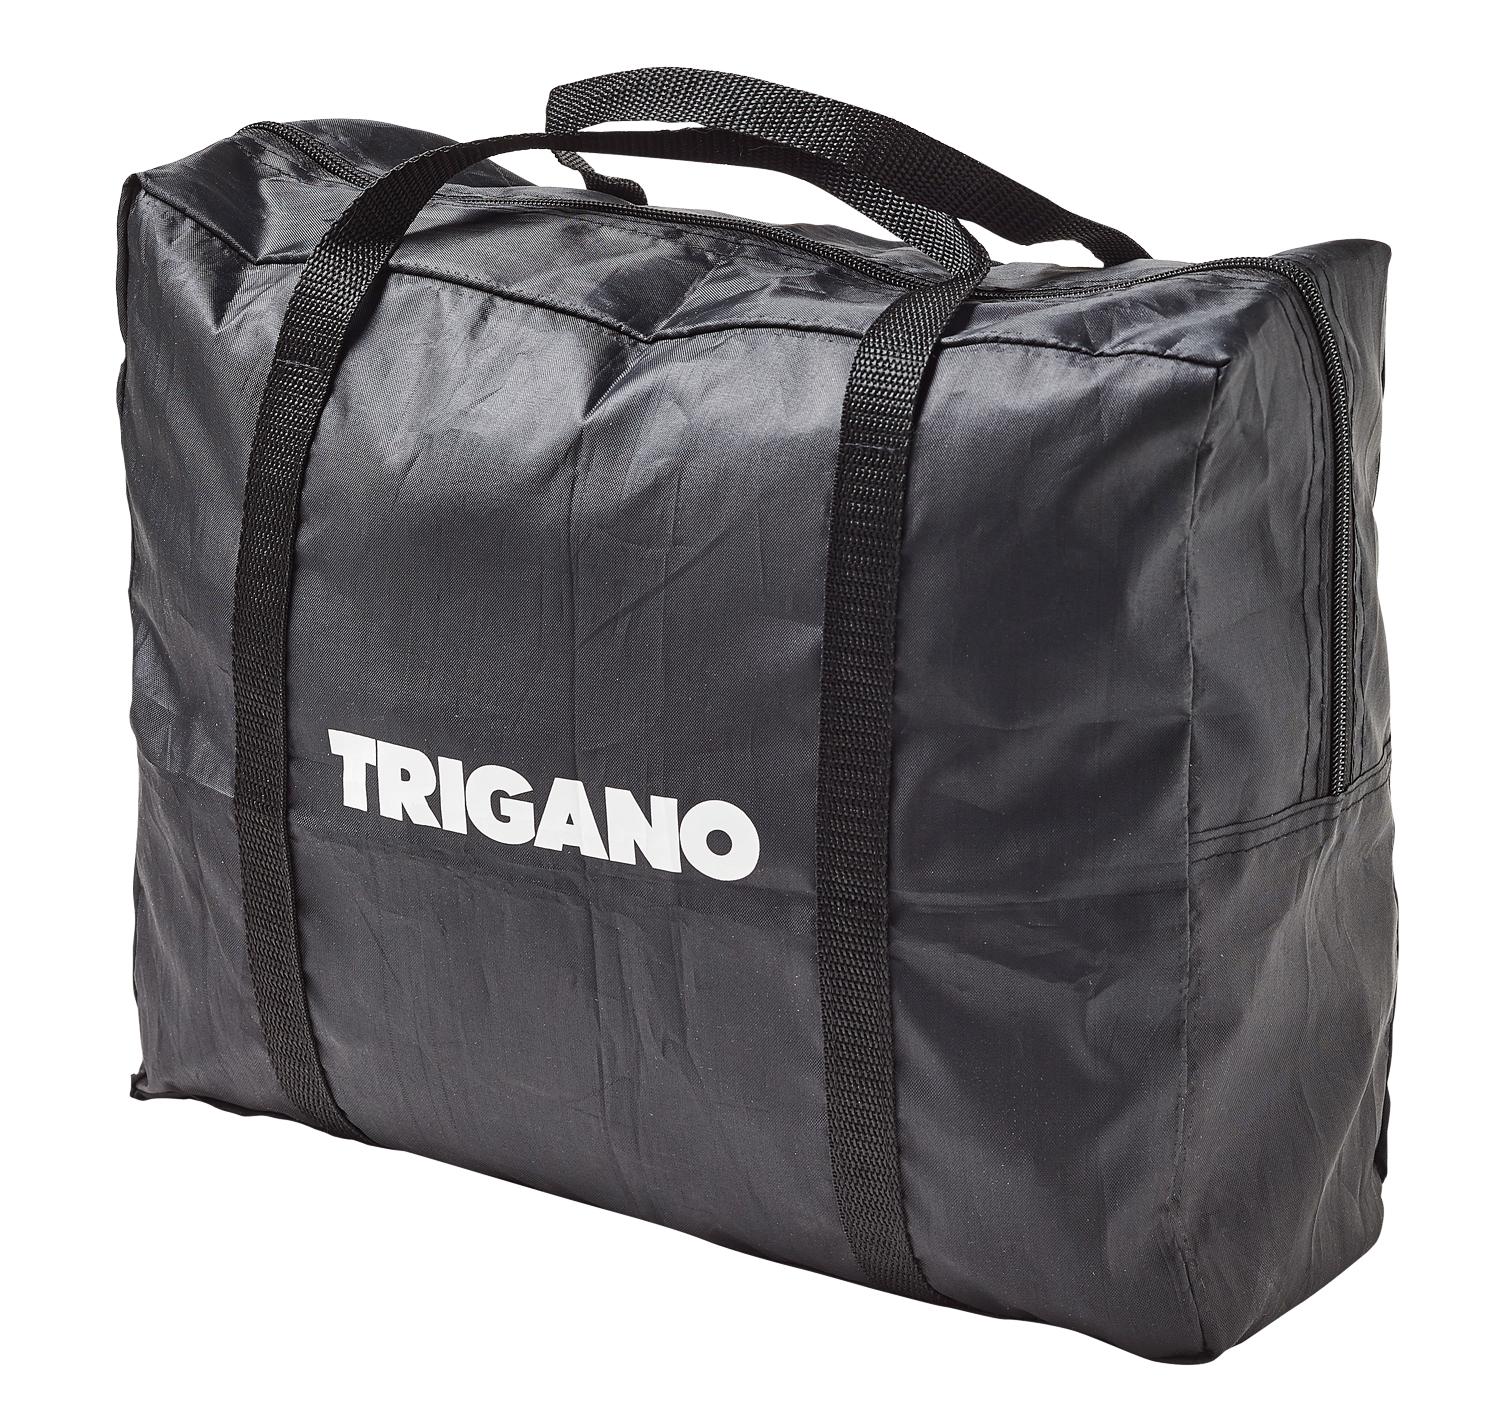 Trigano Luftbett für den Auto-Rücksitz